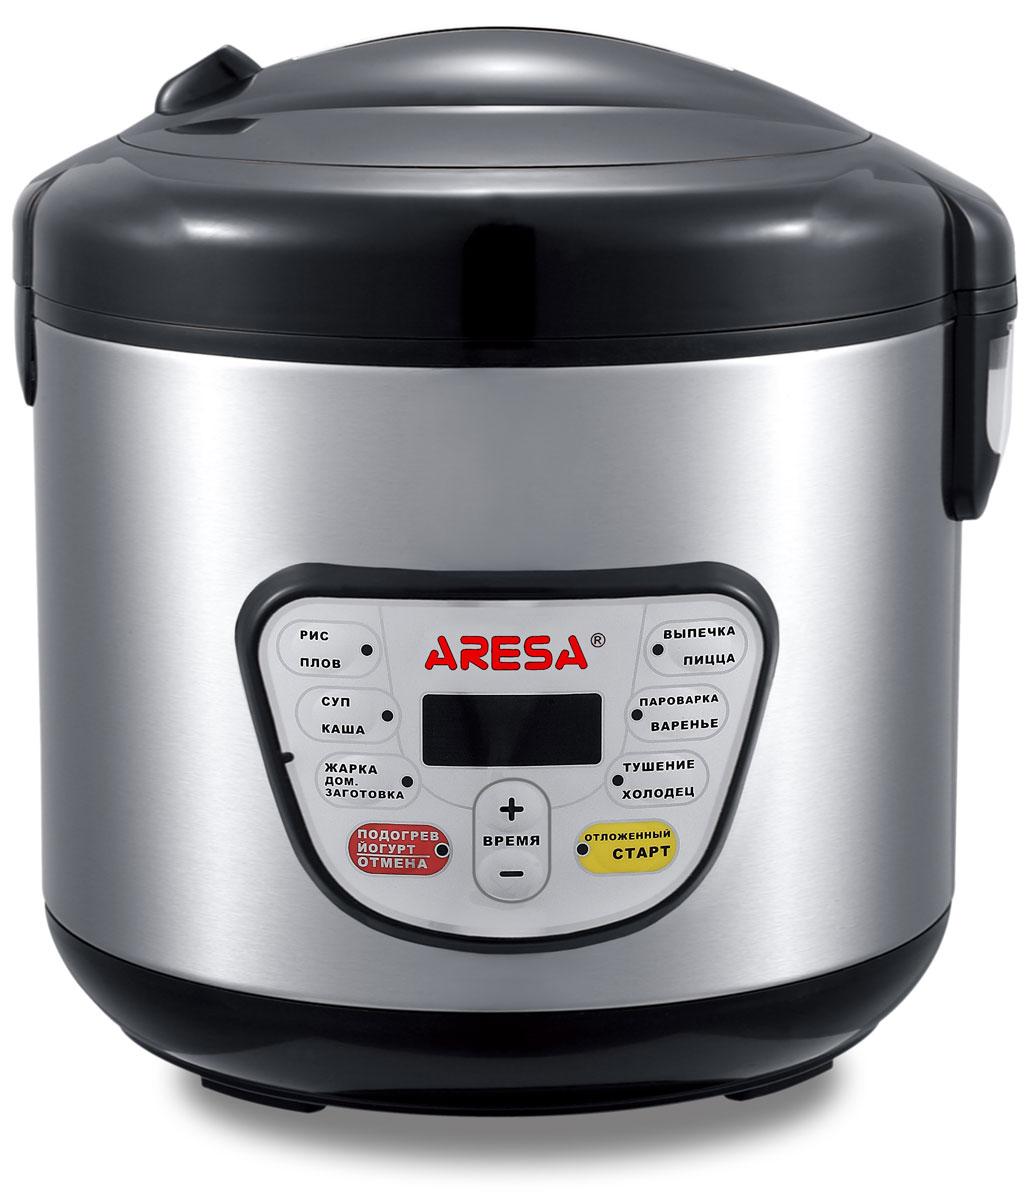 Aresa AR-2002 мультиваркаAR-2002Мультиварка Aresa AR-2002 имеет светодиодный LED-дисплей и вместительную чашу объемом 5 литров с керамическим покрытием. Удобная ручка для переноски позволит осуществлять удобное перемещение прибора. Множество различных функций и режимов приготовления позволит готовить именно те блюда, которые вам нравятся. Регулировка времени приготовления варьируется от 5 минут до 6 часов. В комплект входят полезные аксессуары для приготовления пищи, а книгу рецептов можно бесплатно скачать с сайта производителя.